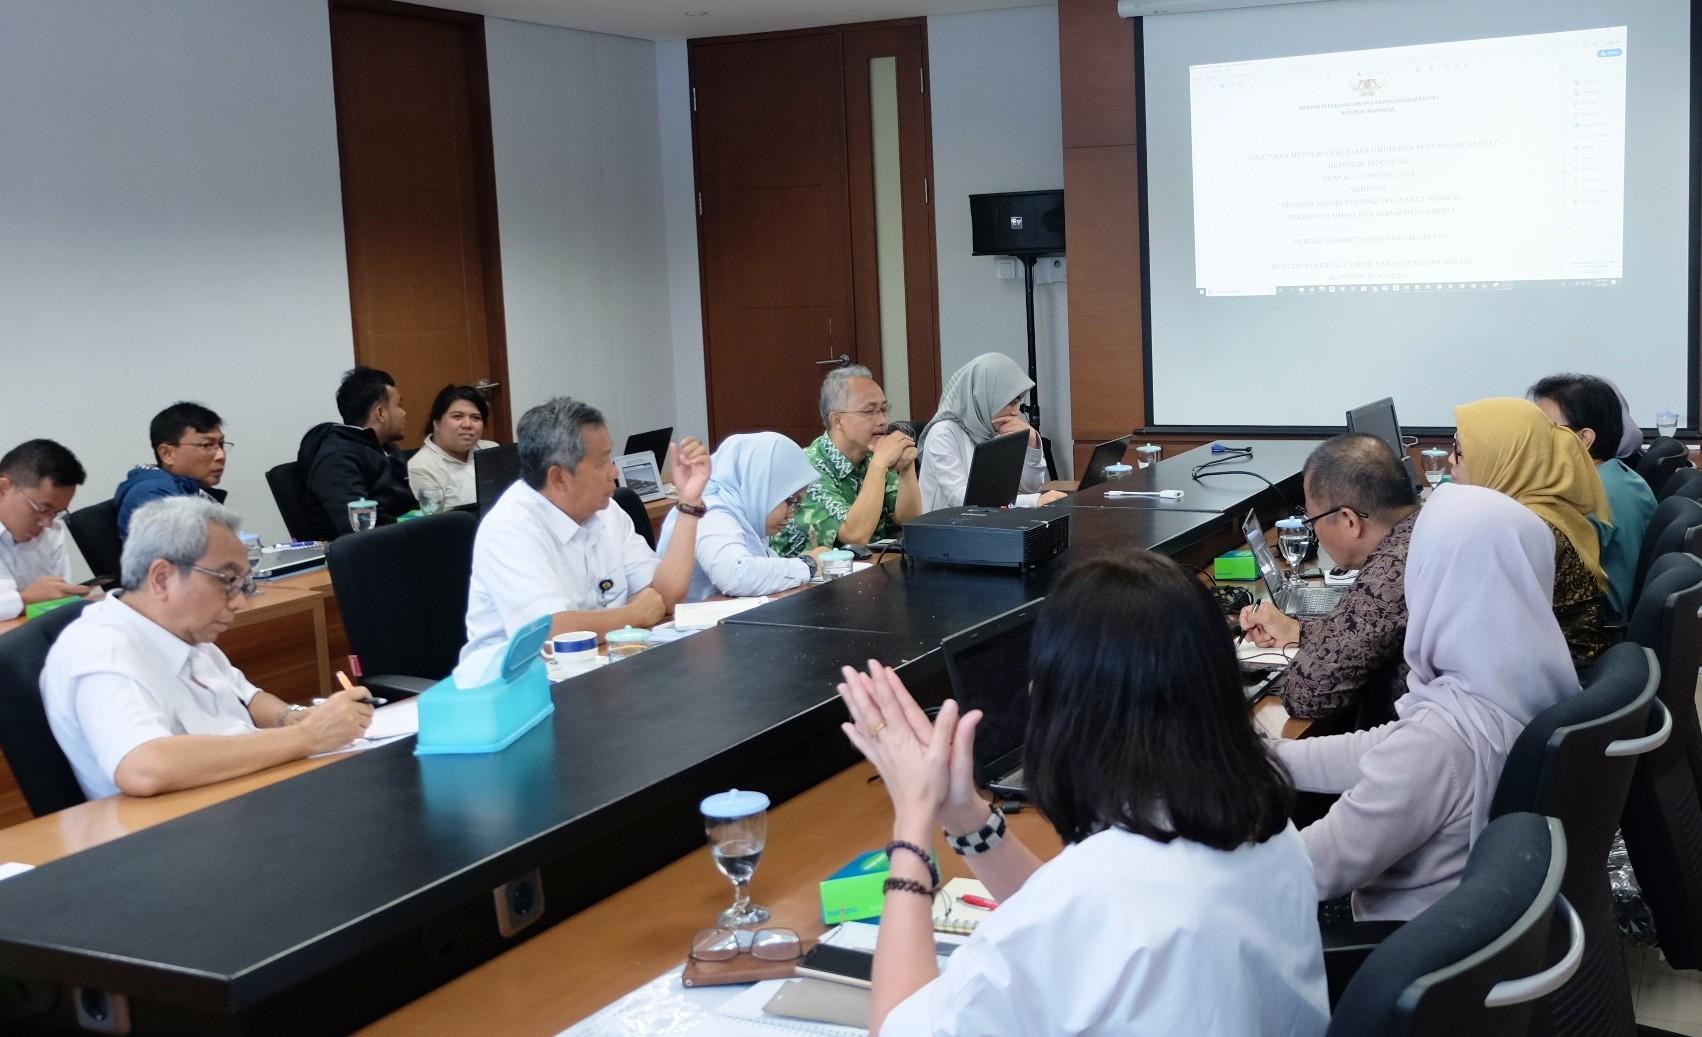 Kementerian PUPR Dukung Pengembangan Infrastruktur Air Bersih dan Sanitasi di KSPN Prioritas